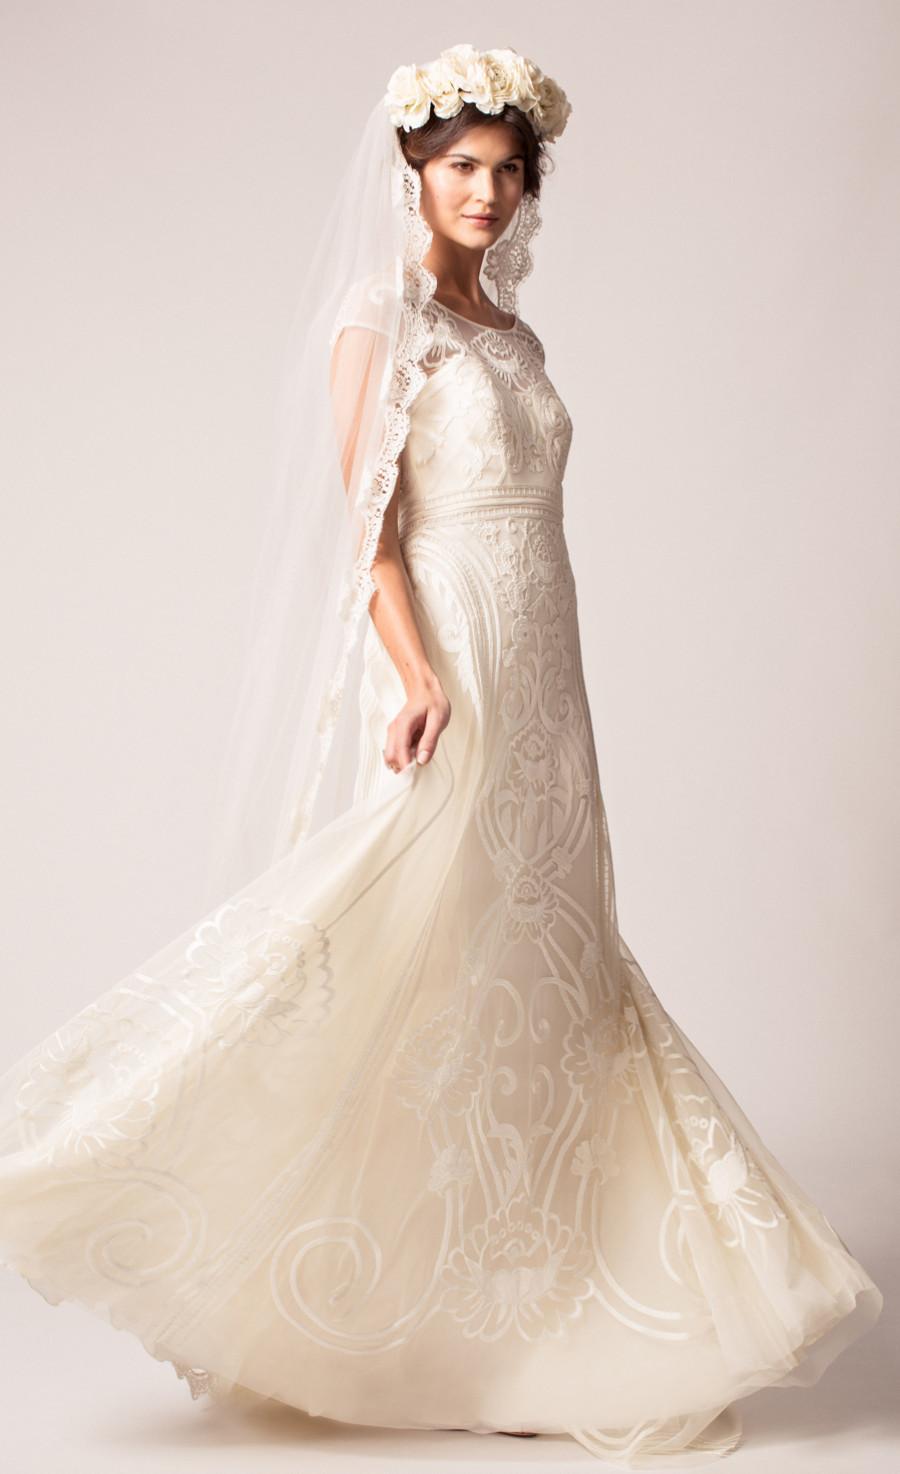 012_chrys-dress_long-honour-veil.jpg